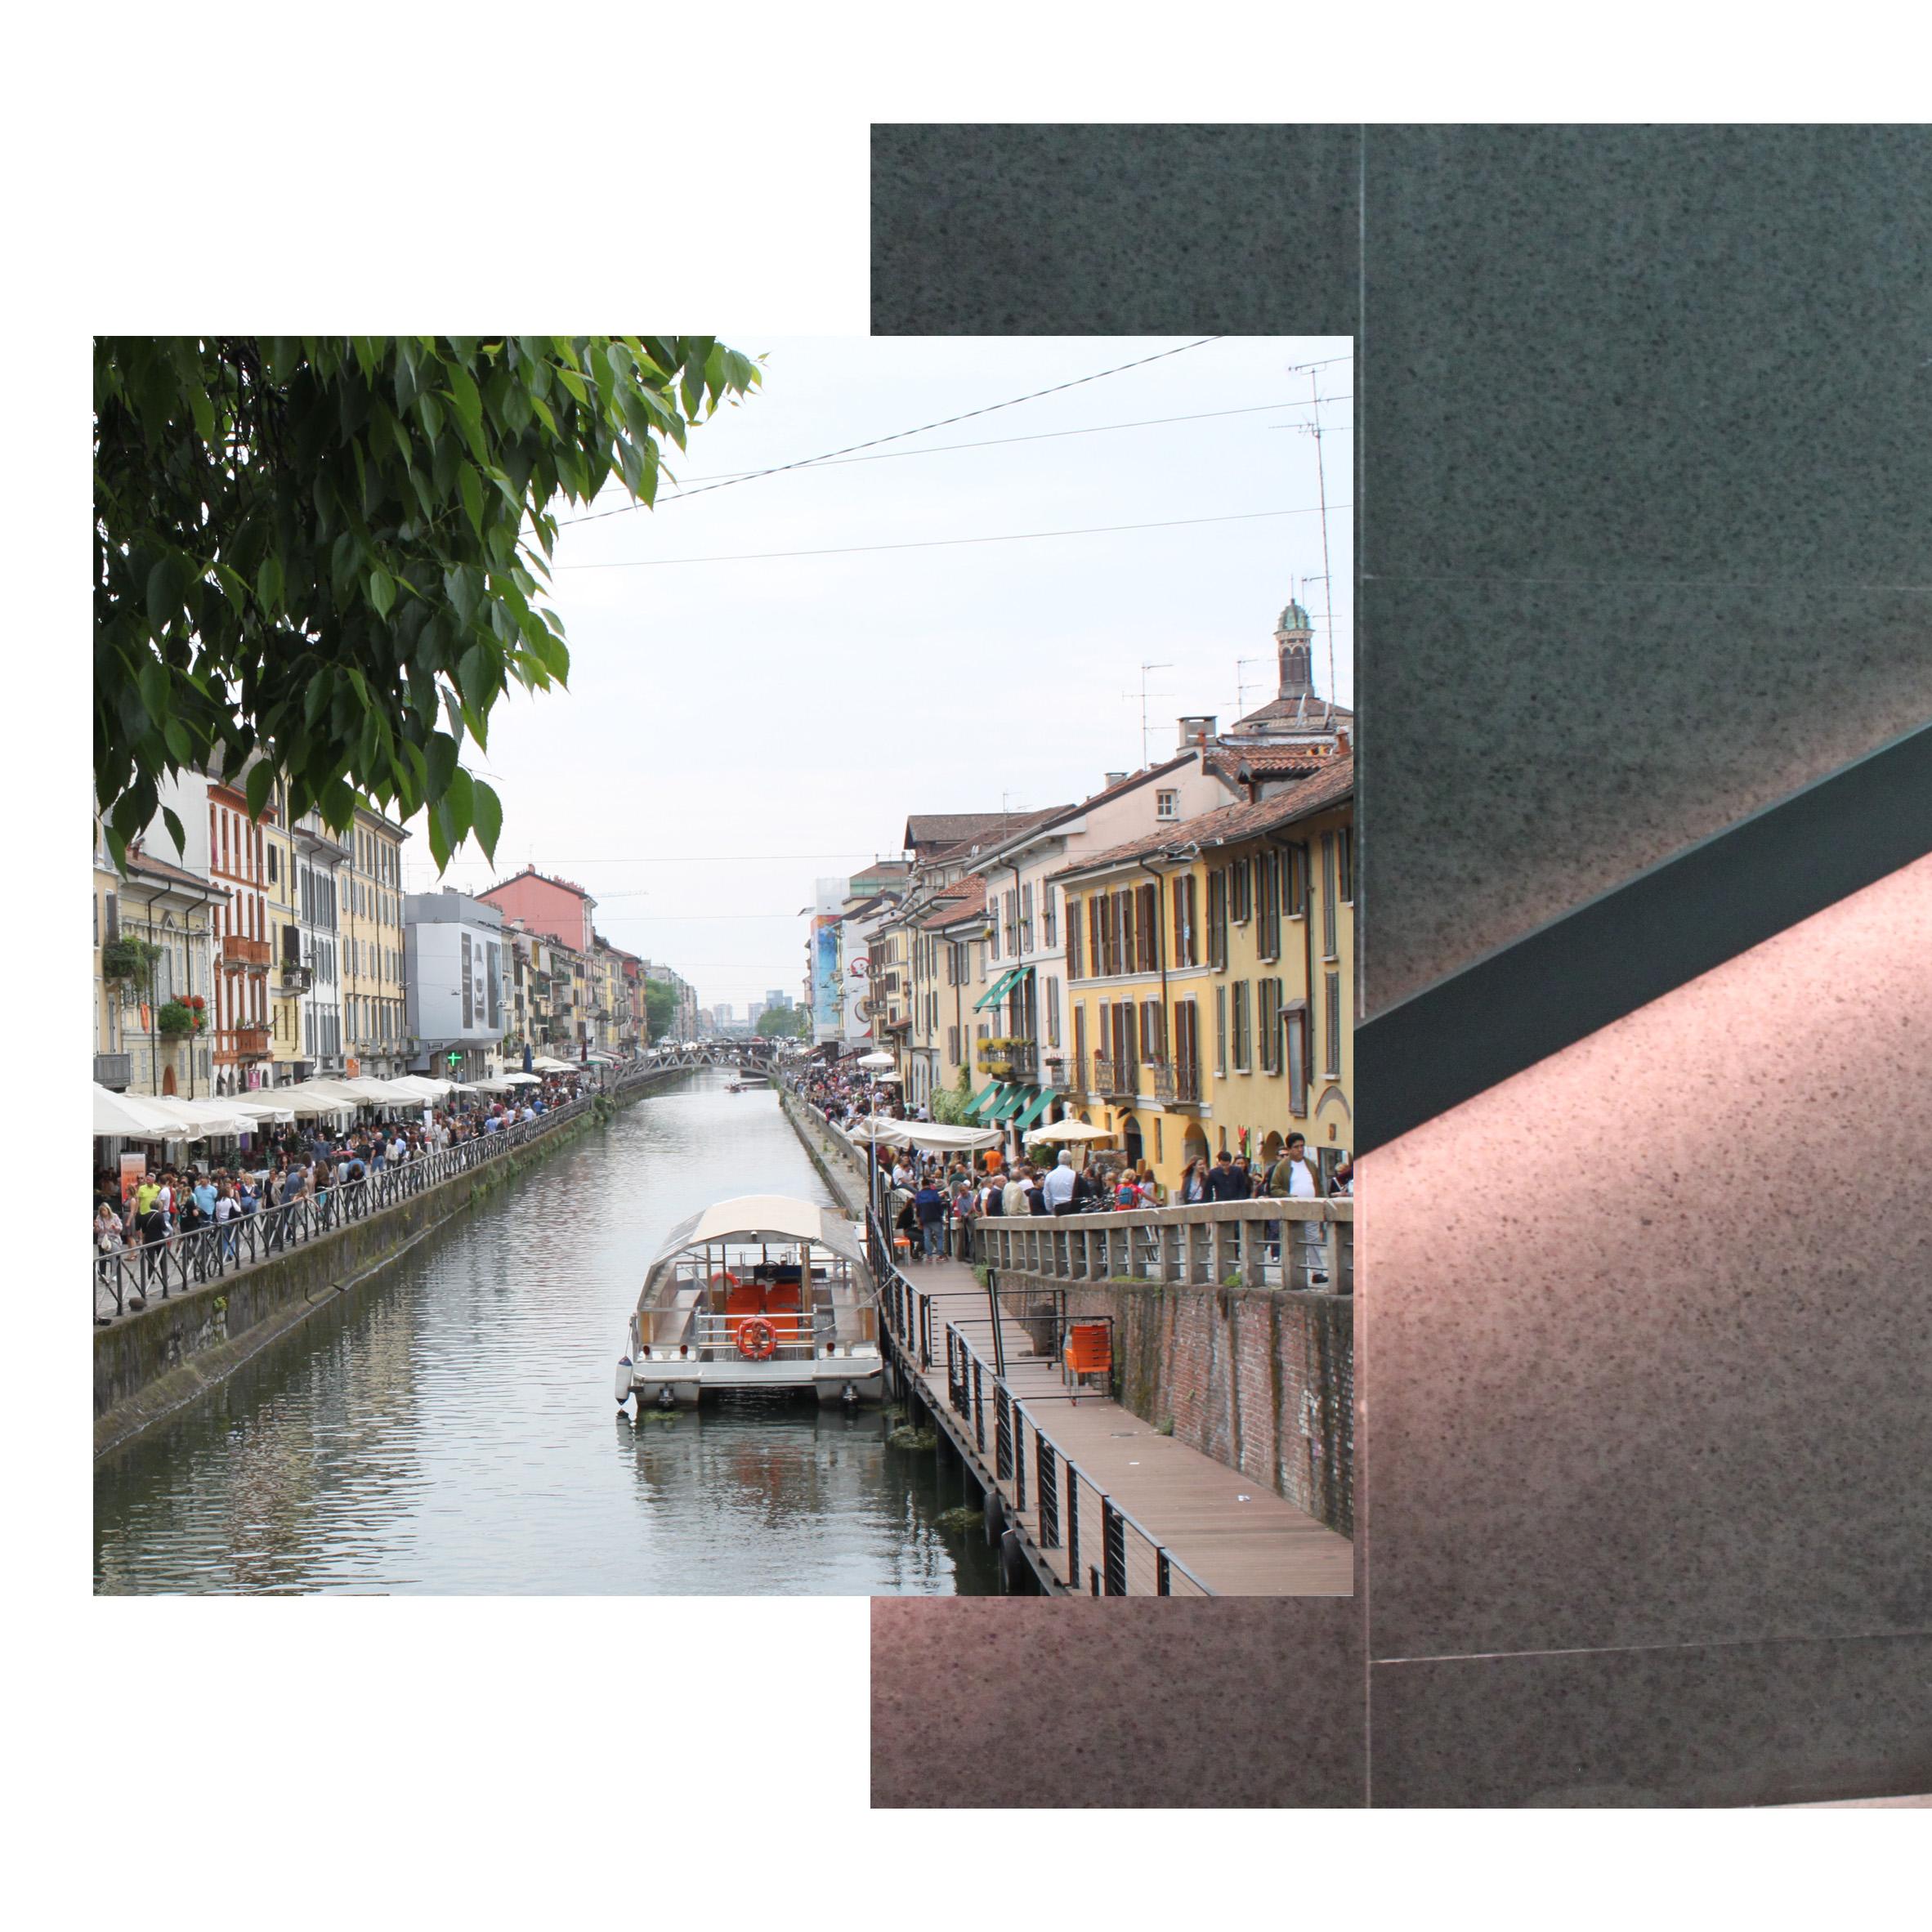 The vibrant Navigli area in Milan